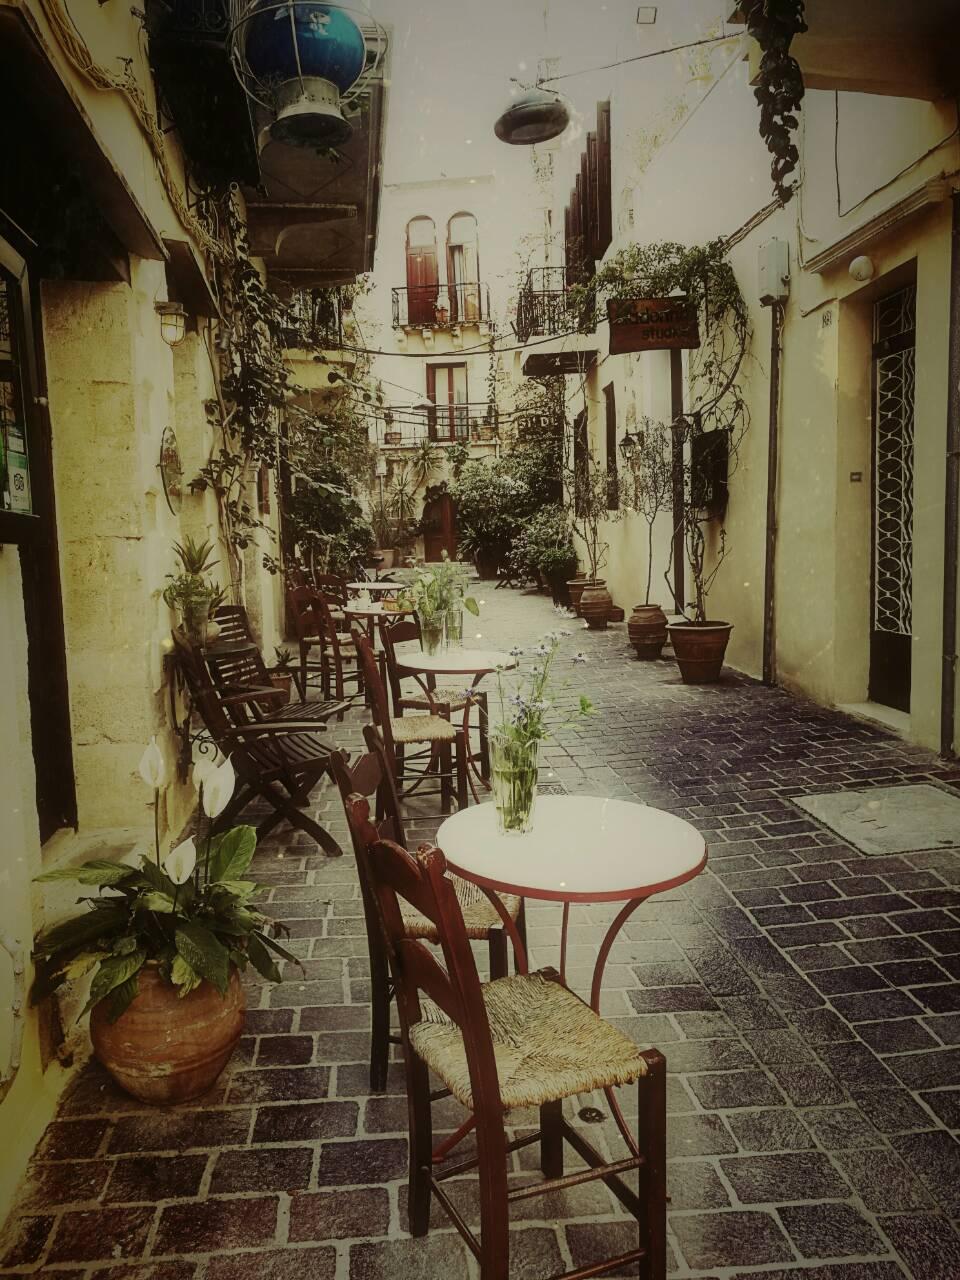 Η οδός Θεοτοκοπούλου, ένα στενό πάνω από το γραφικό λιμάνι της Παλιάς Πόλης των Χανίων, το στενό παιδικών χρόνων με ανεμελιά, παιχνίδι και γέλια που ακόμα ακούγονται στα αυτιά μας